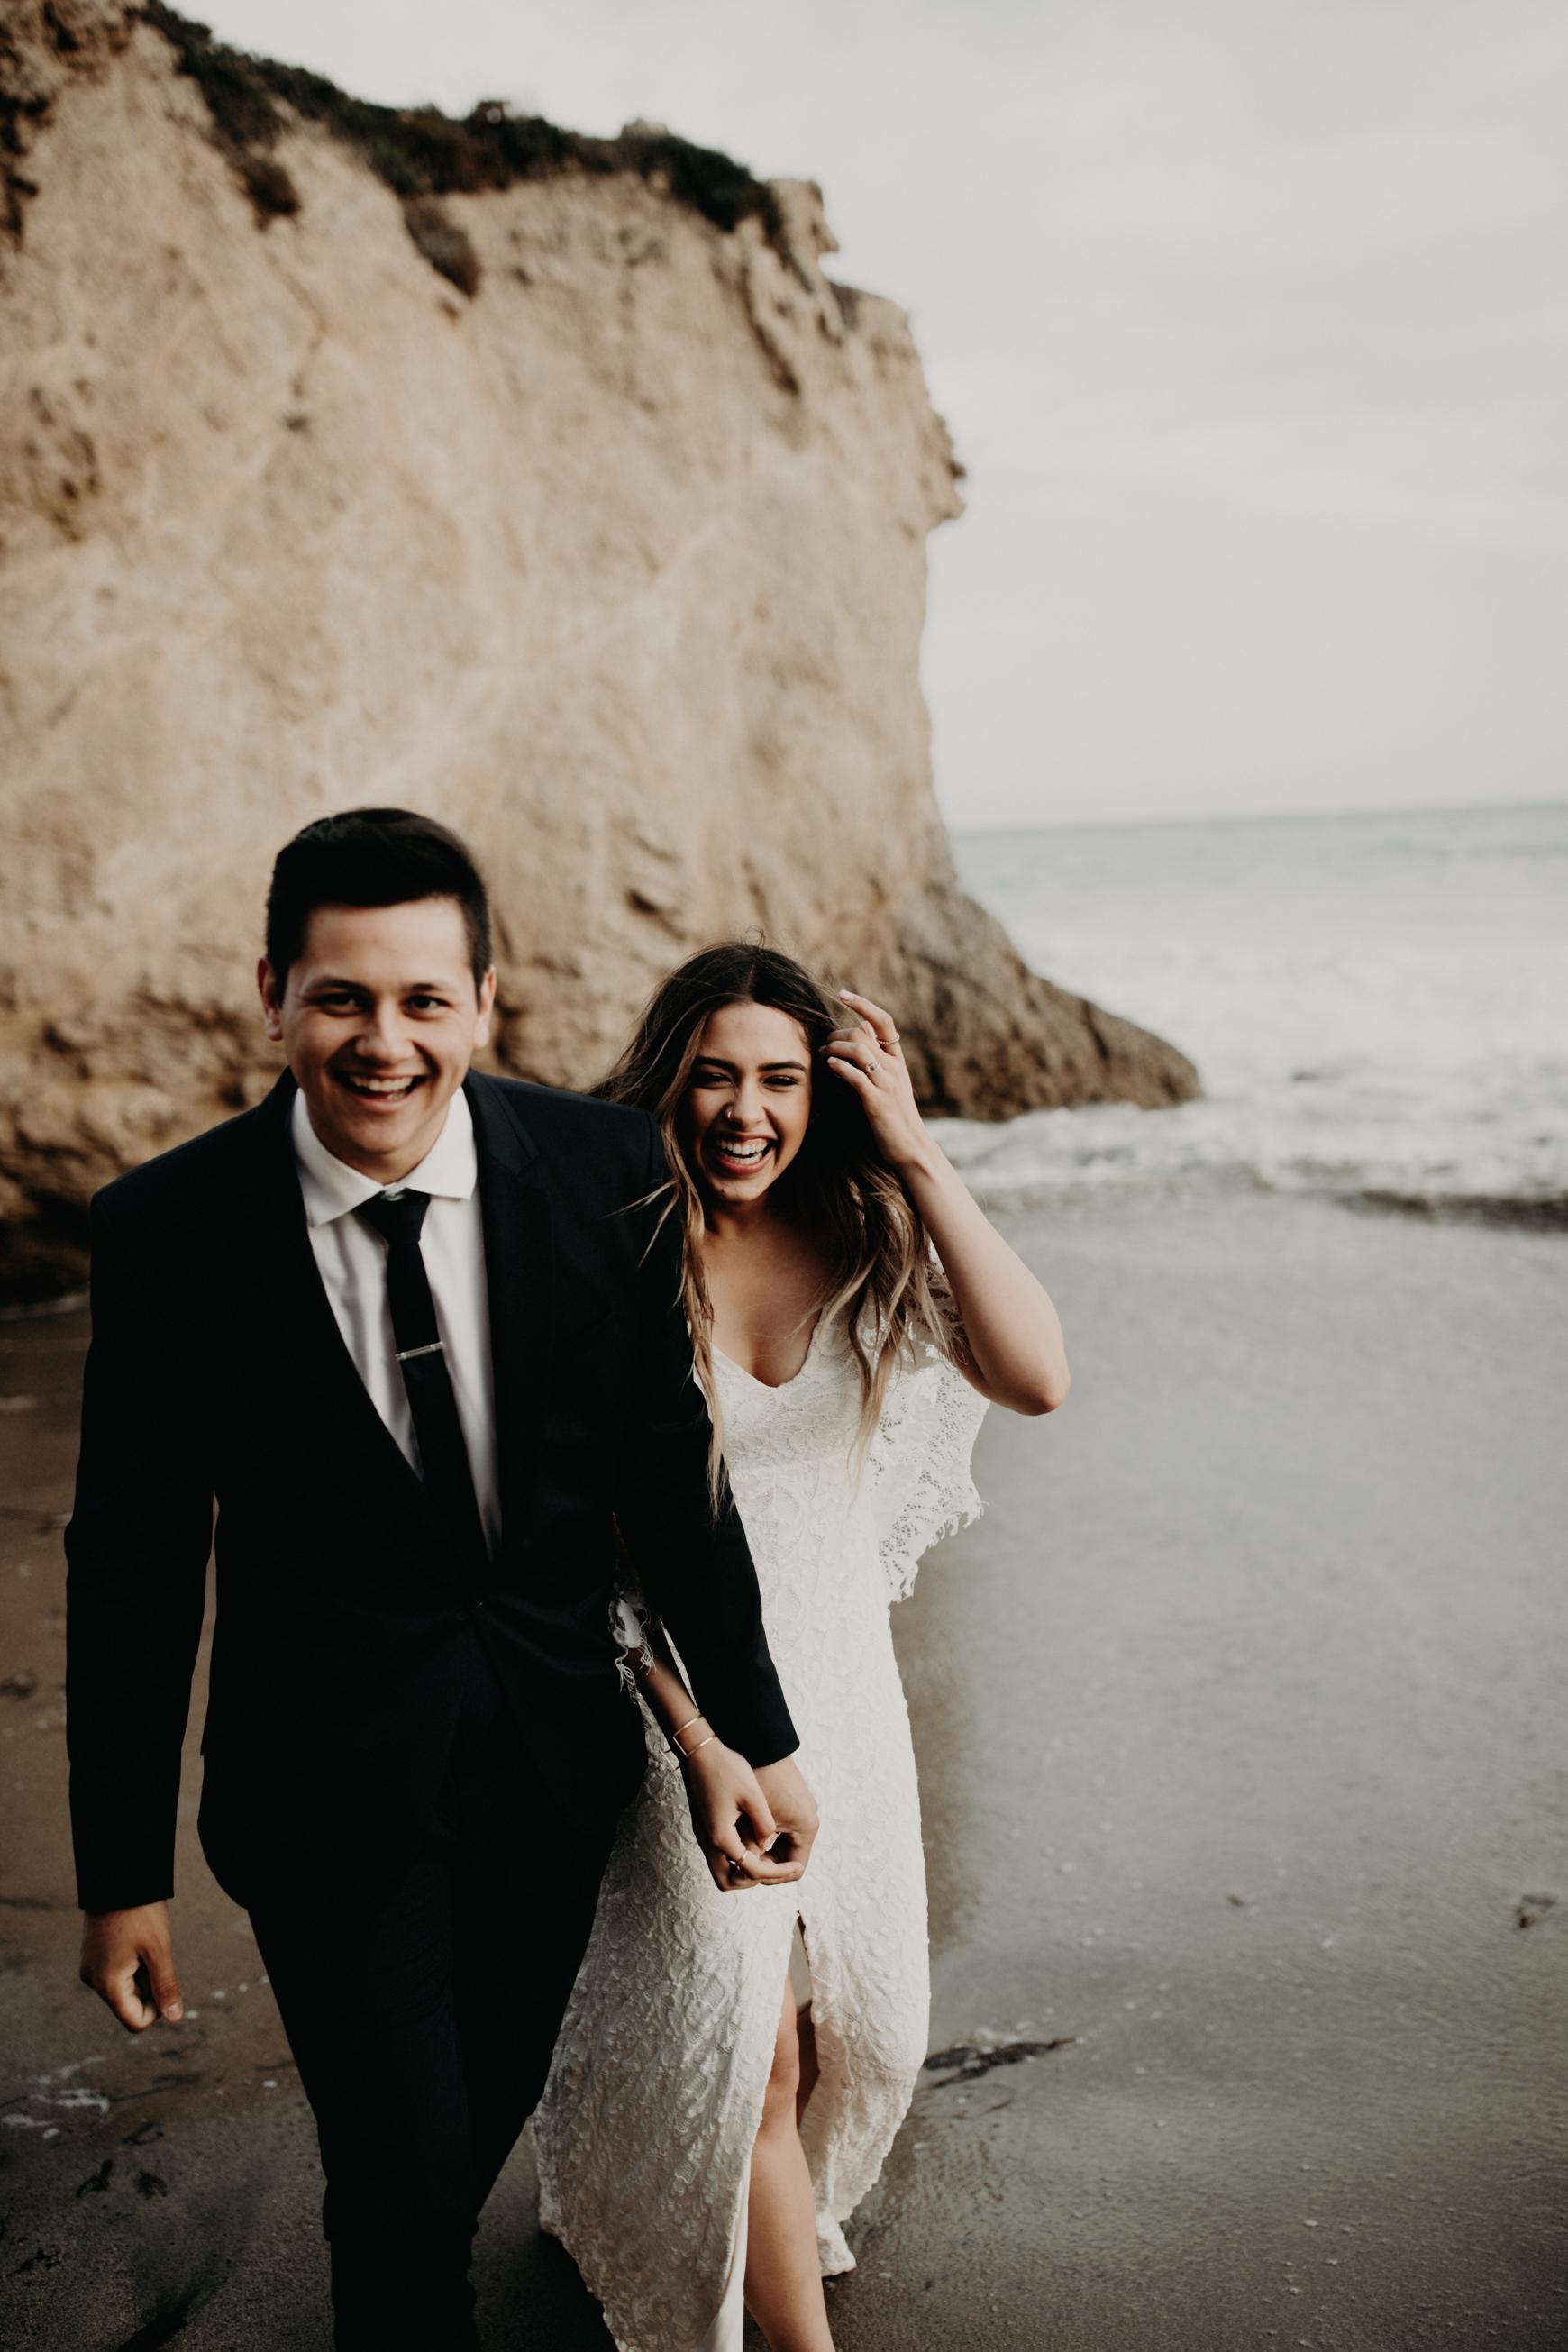 El Matador Beach Bridal Portraits Justellen & TJ Emily Magers Photography-228Emily Magers Photography.jpg